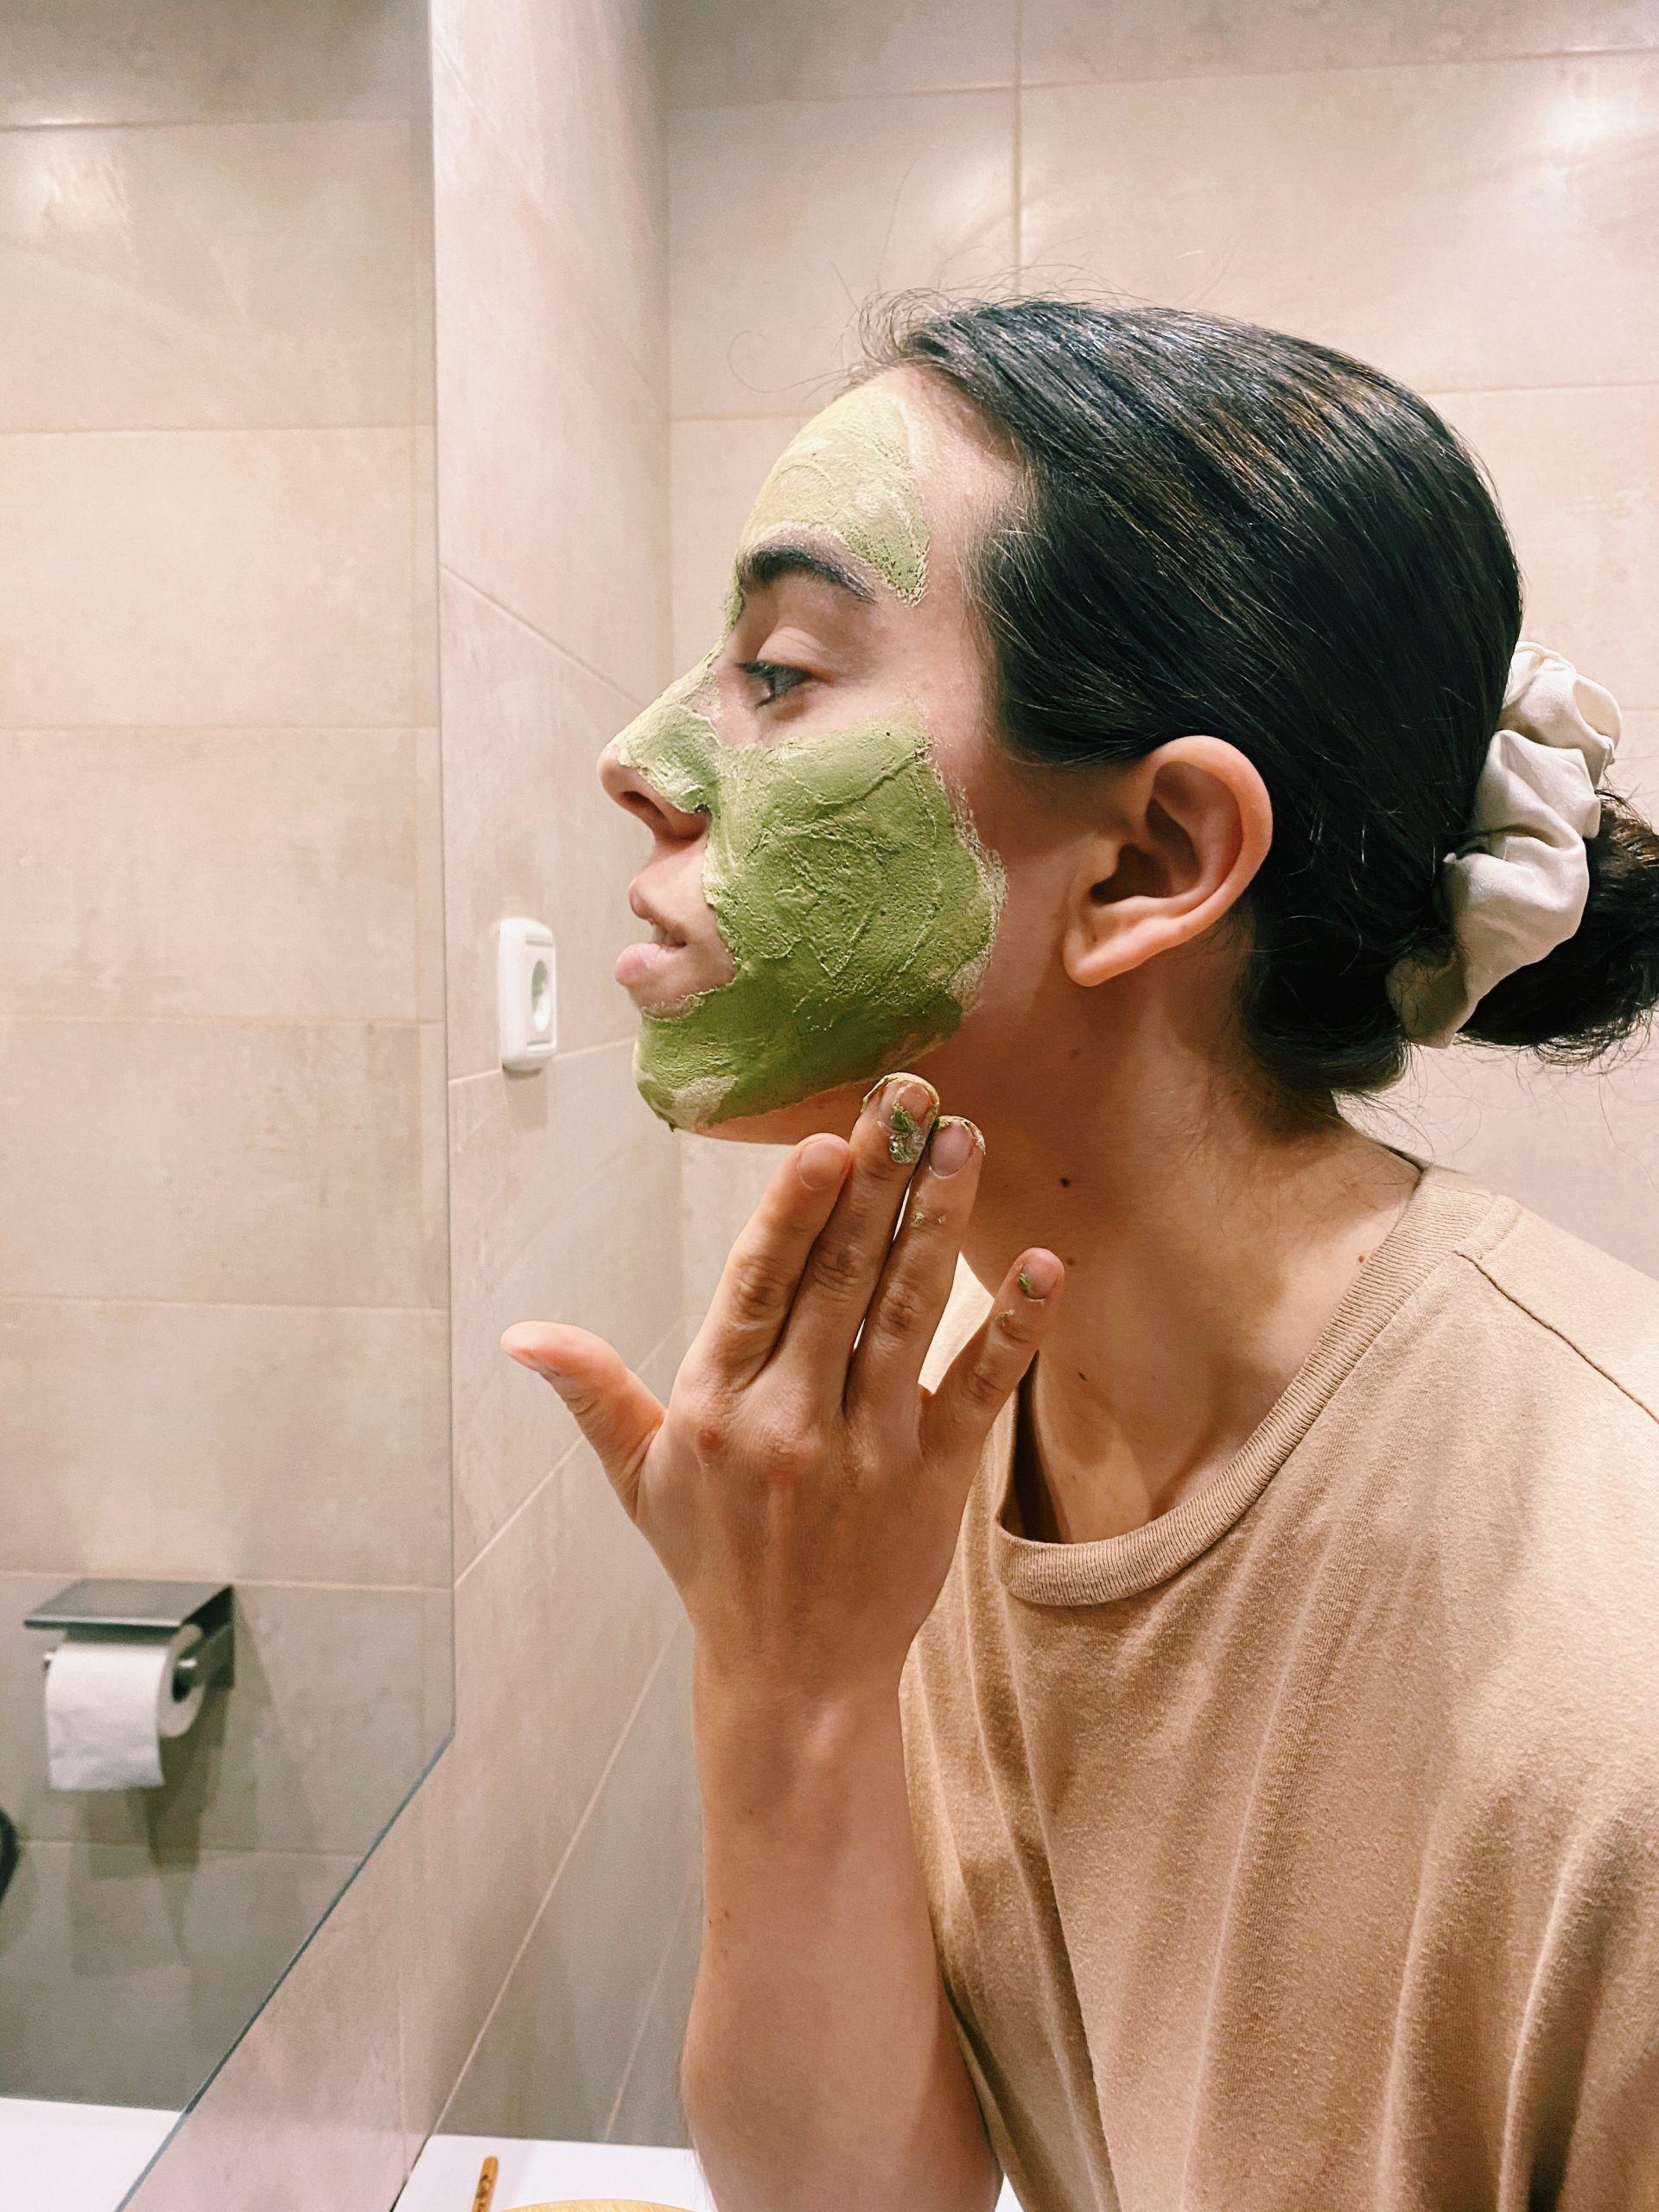 Aplica la pasta en tu rostro y deja actuar durante 10-15 minutos.